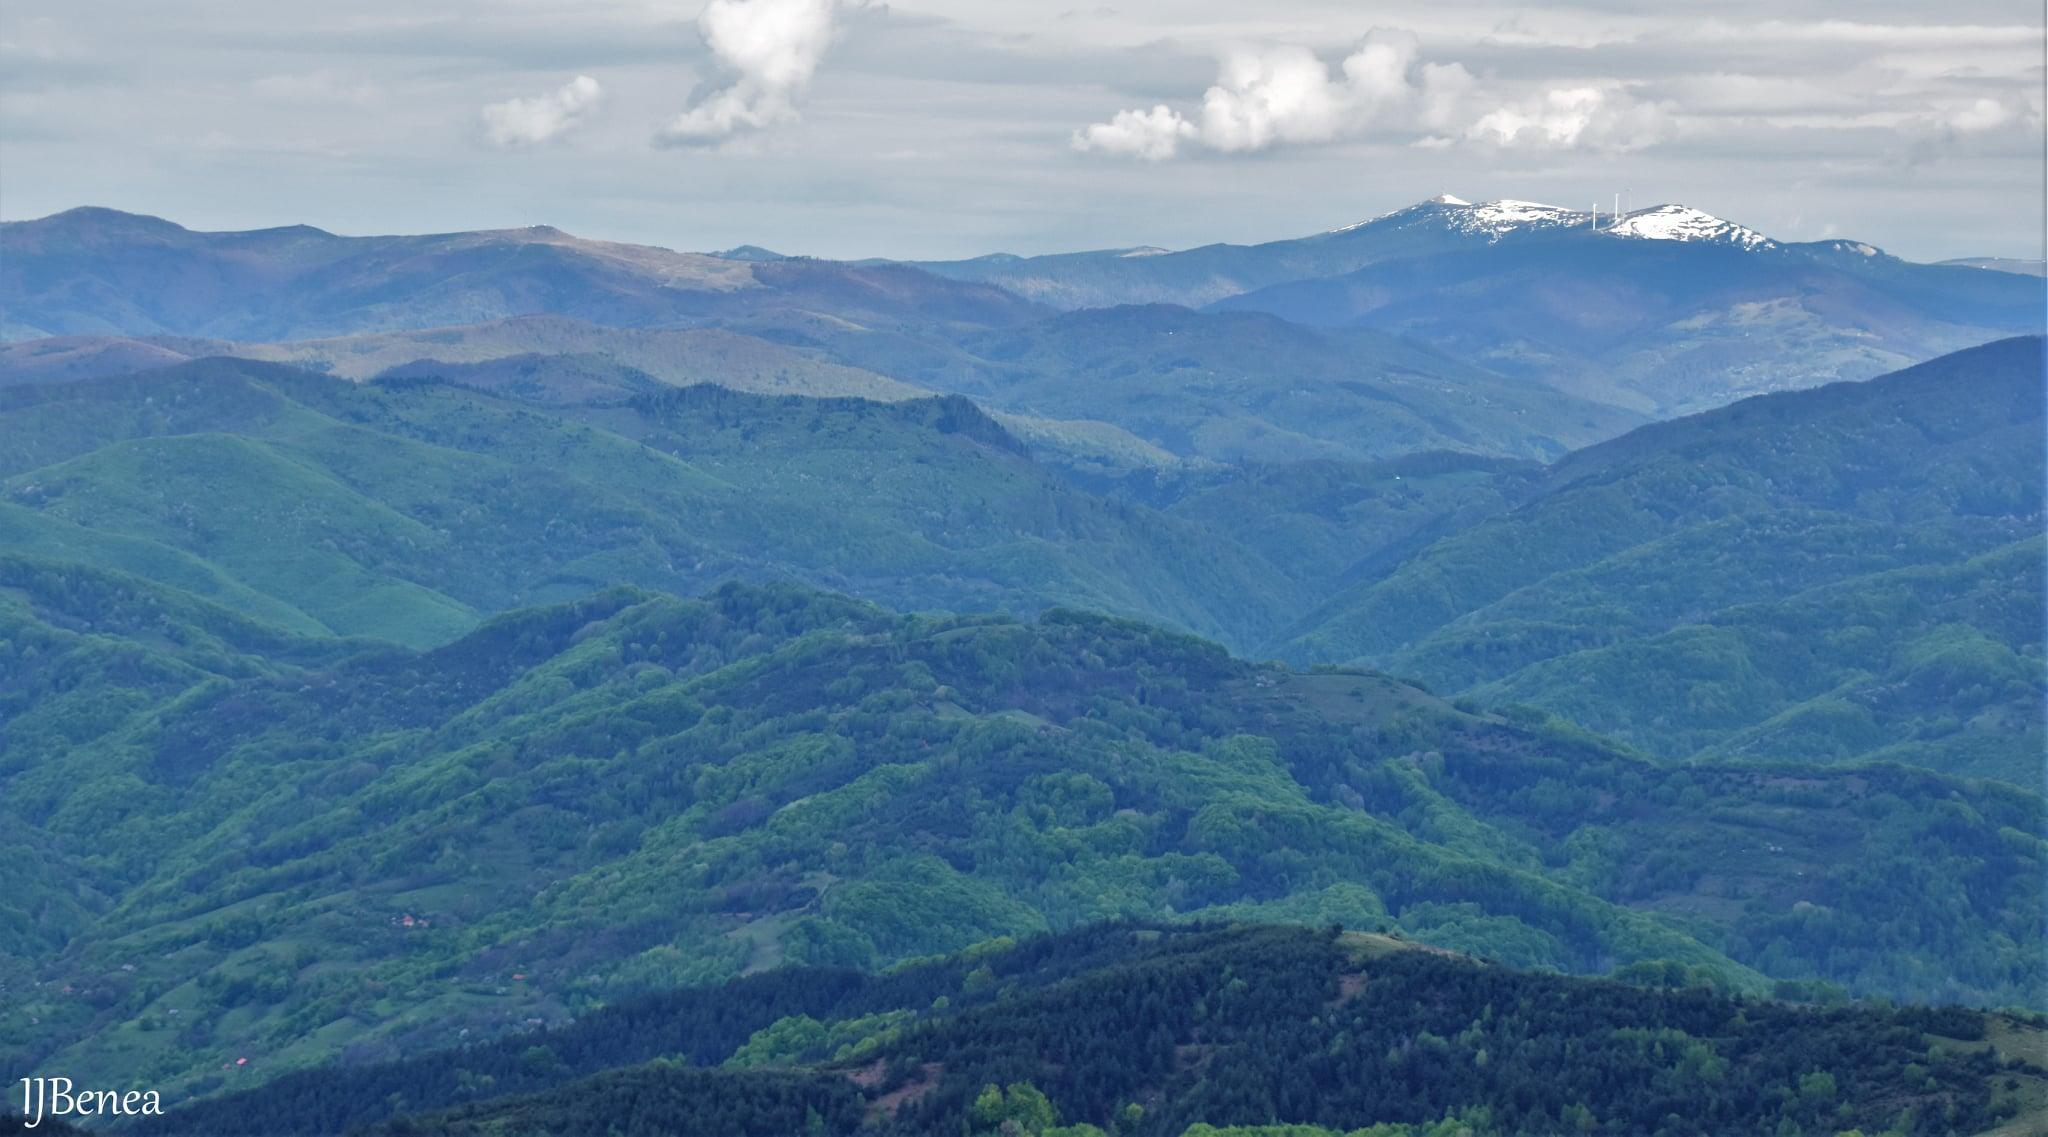 Muntele Găina, în partea dreaptă Muntele Bihor - Ioan Benea Jurca